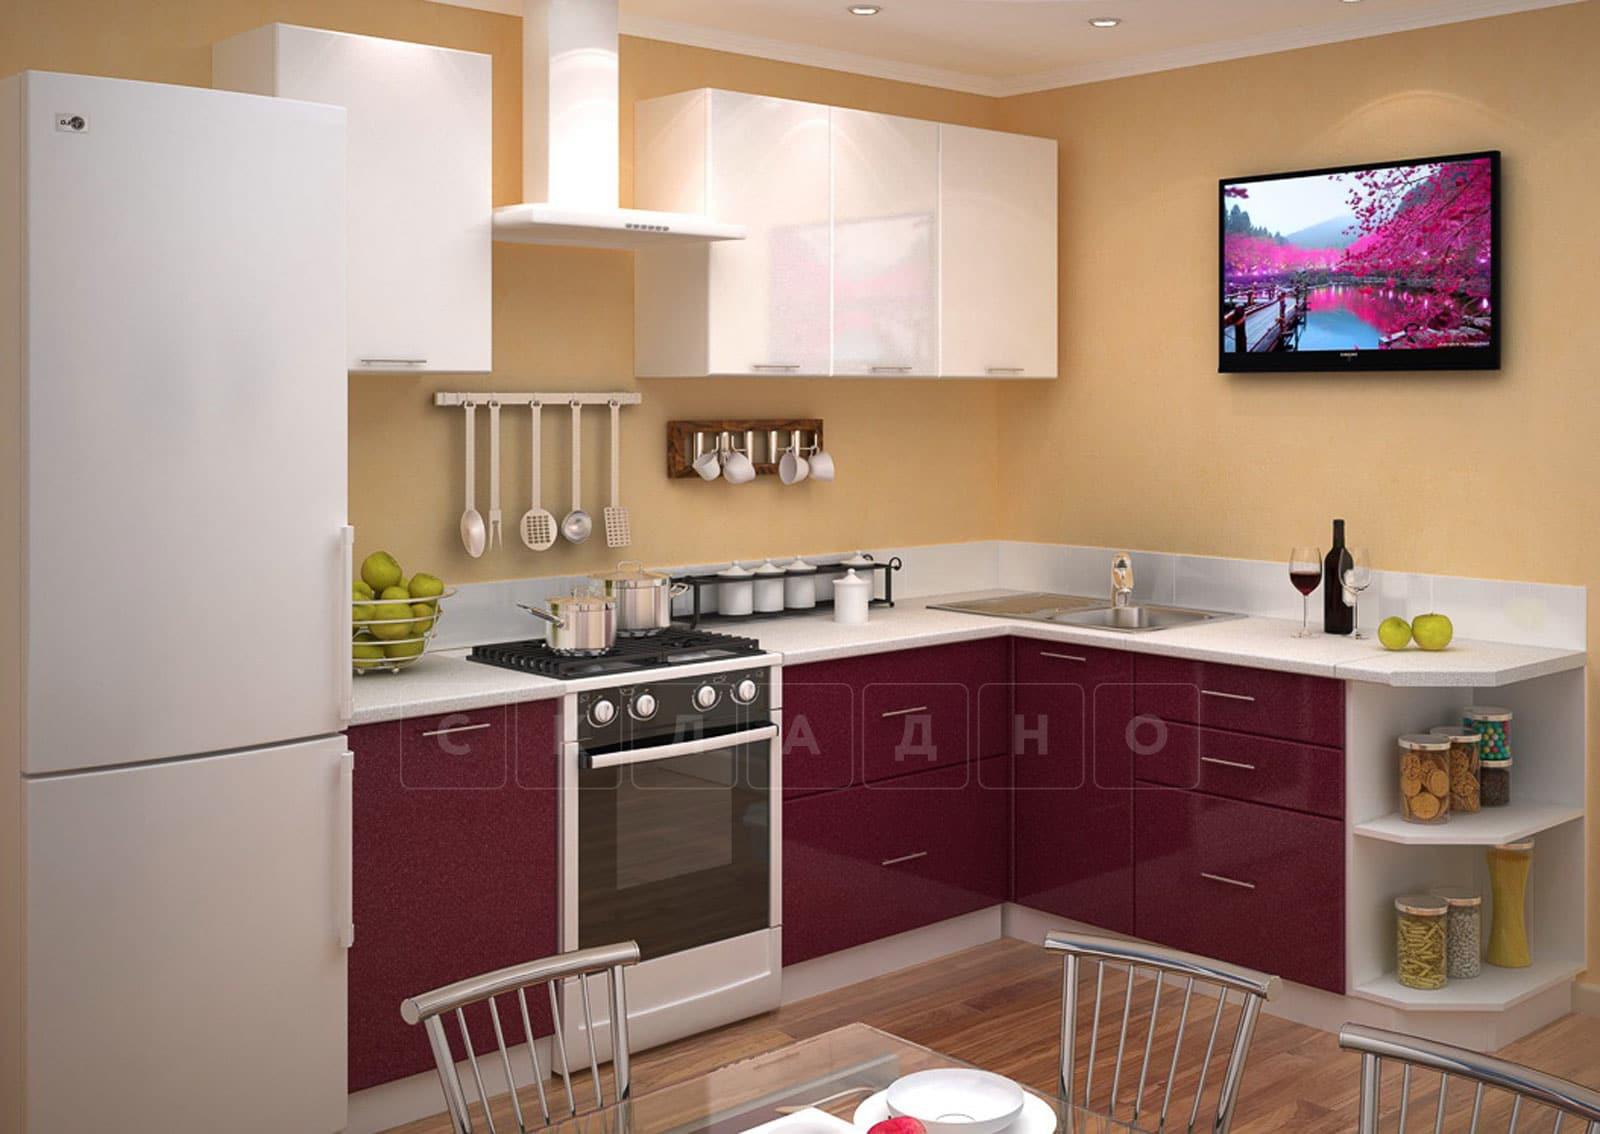 Кухня угловая Шарлотта 1,9х1,8м гламур с белым фото 1 | интернет-магазин Складно